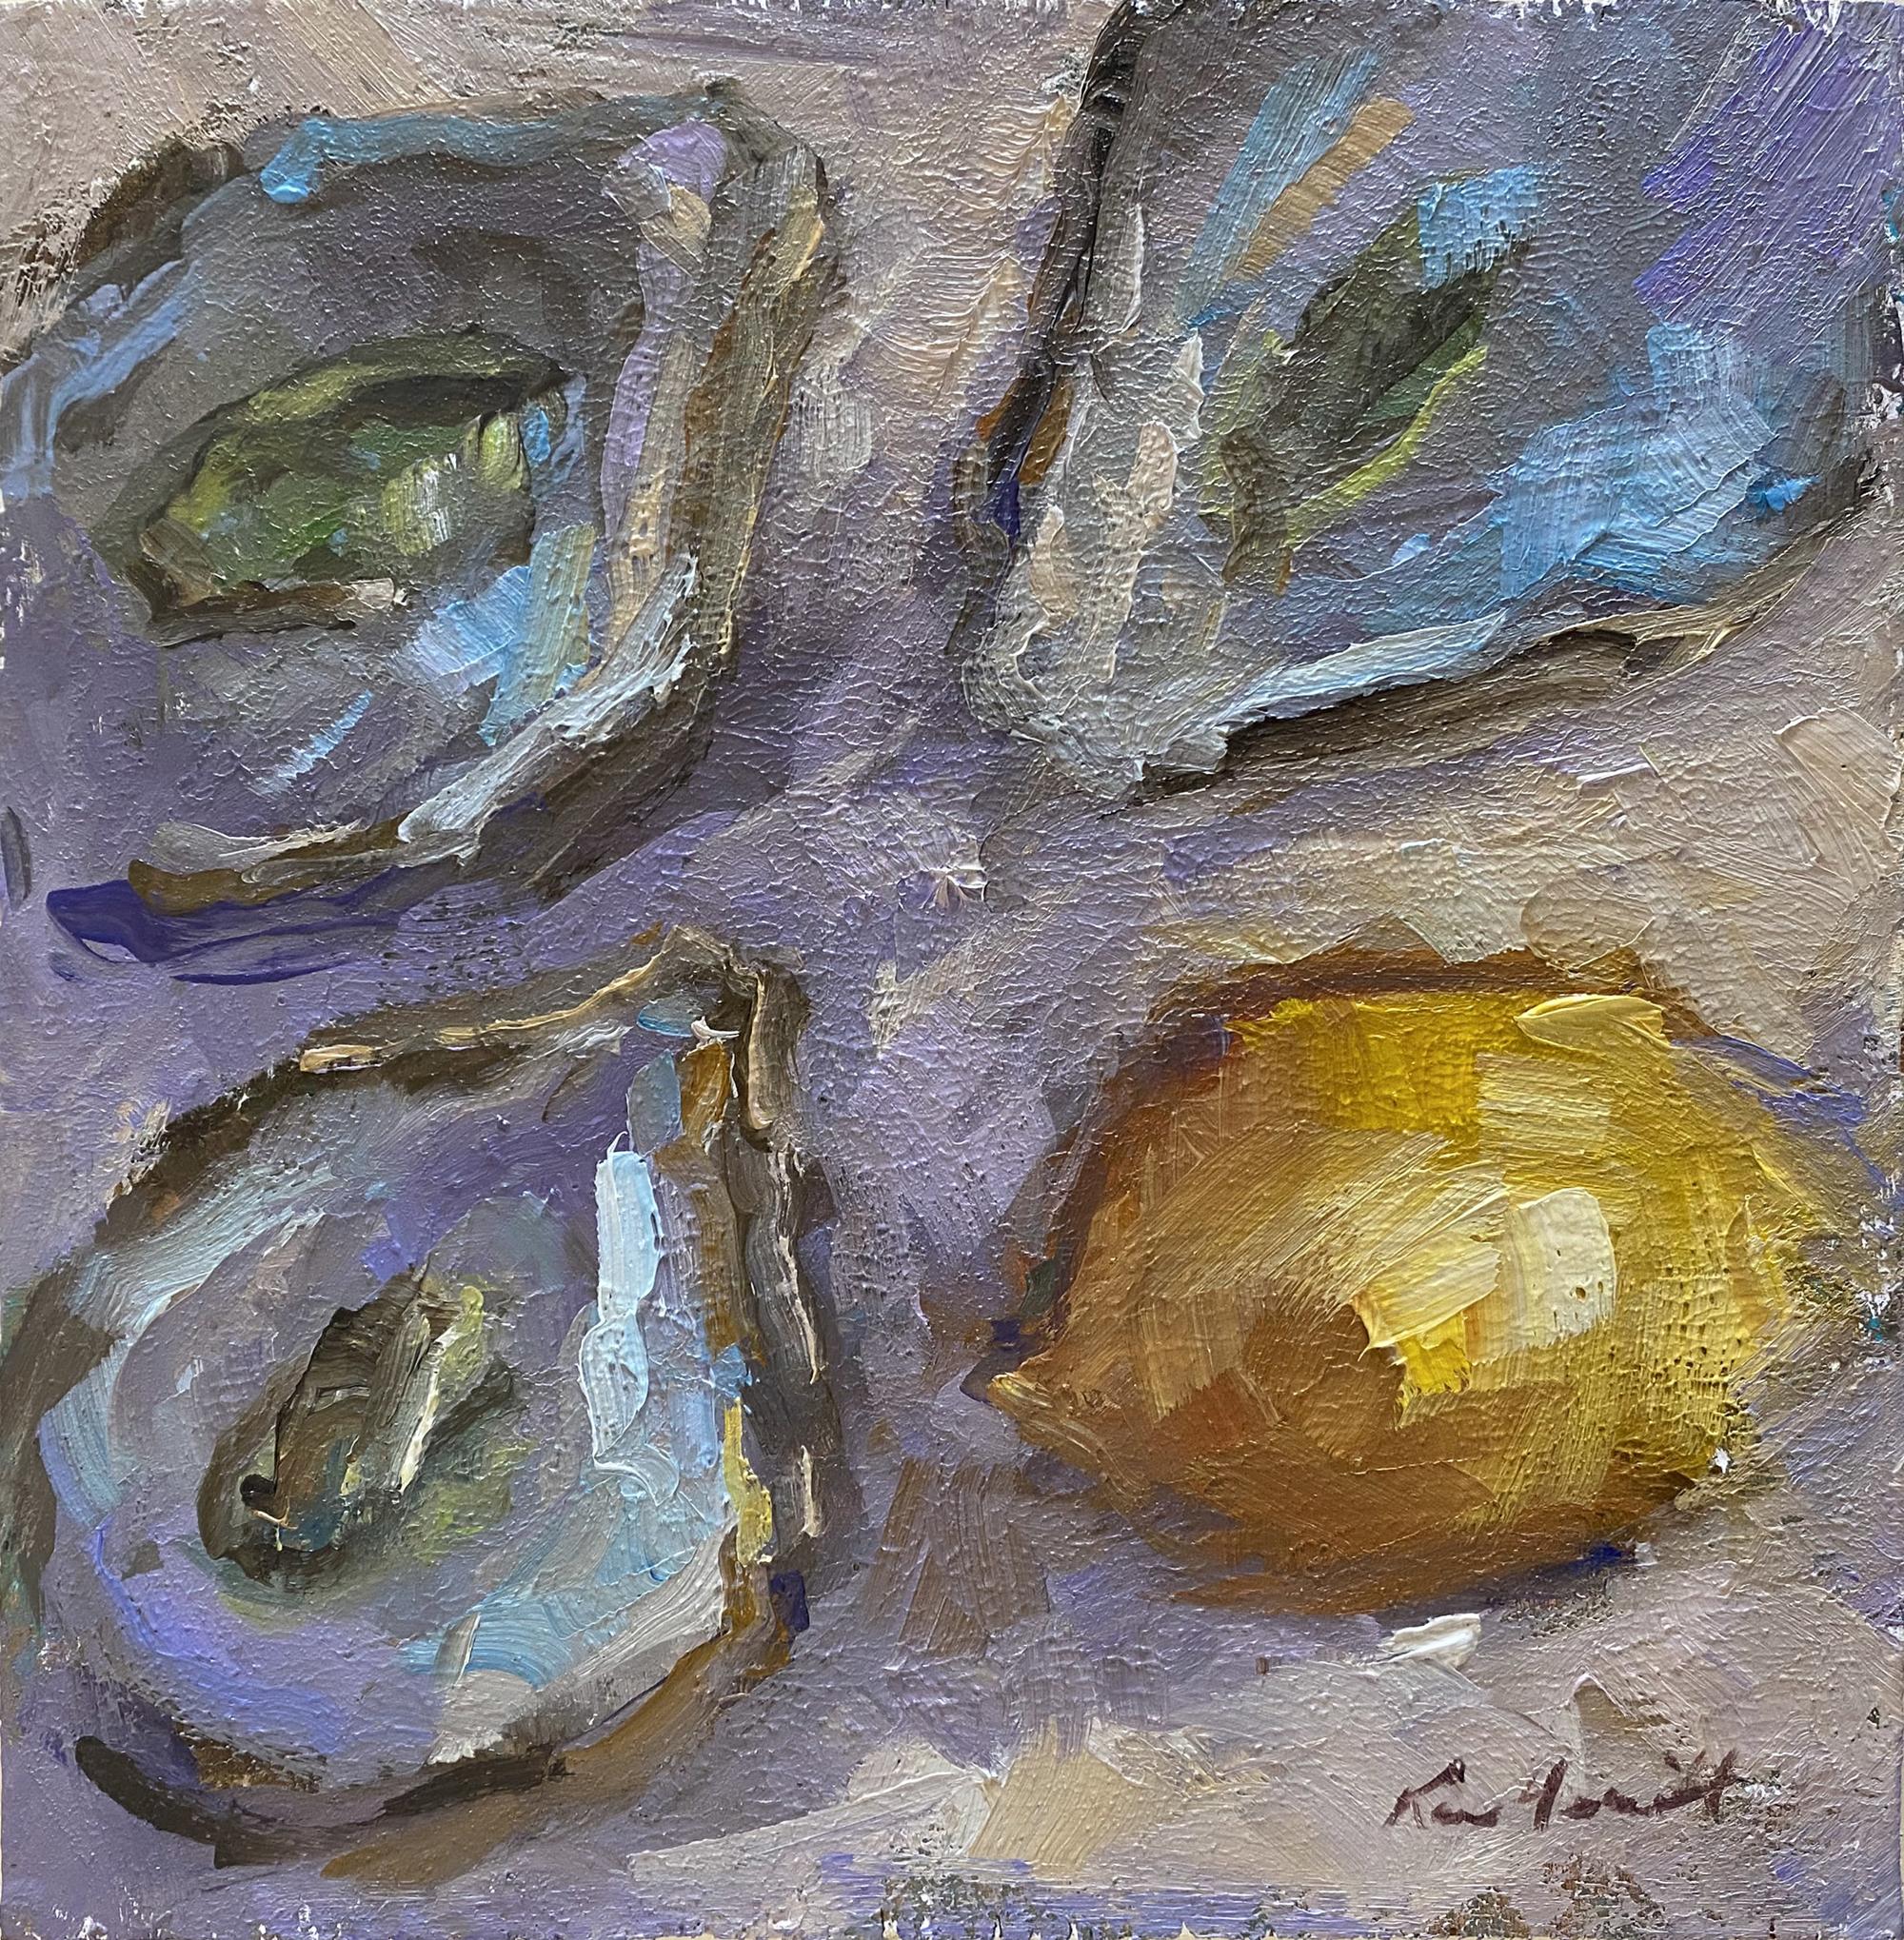 An Oyster Bash by Karen Hewitt Hagan